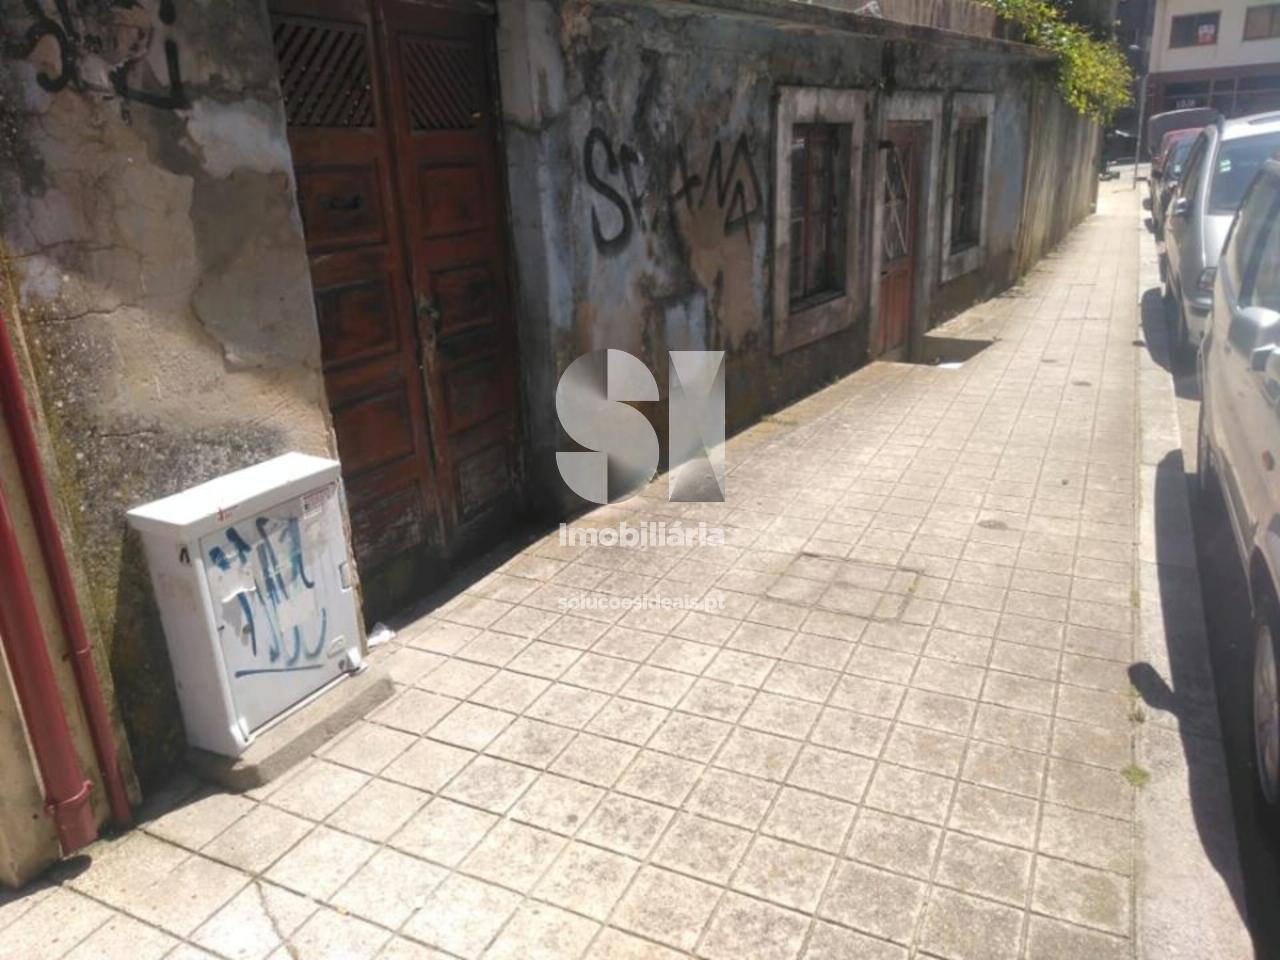 terreno para compra em matosinhos uniao das freguesias de matosinhos e leca da palmeira MAIobrites13